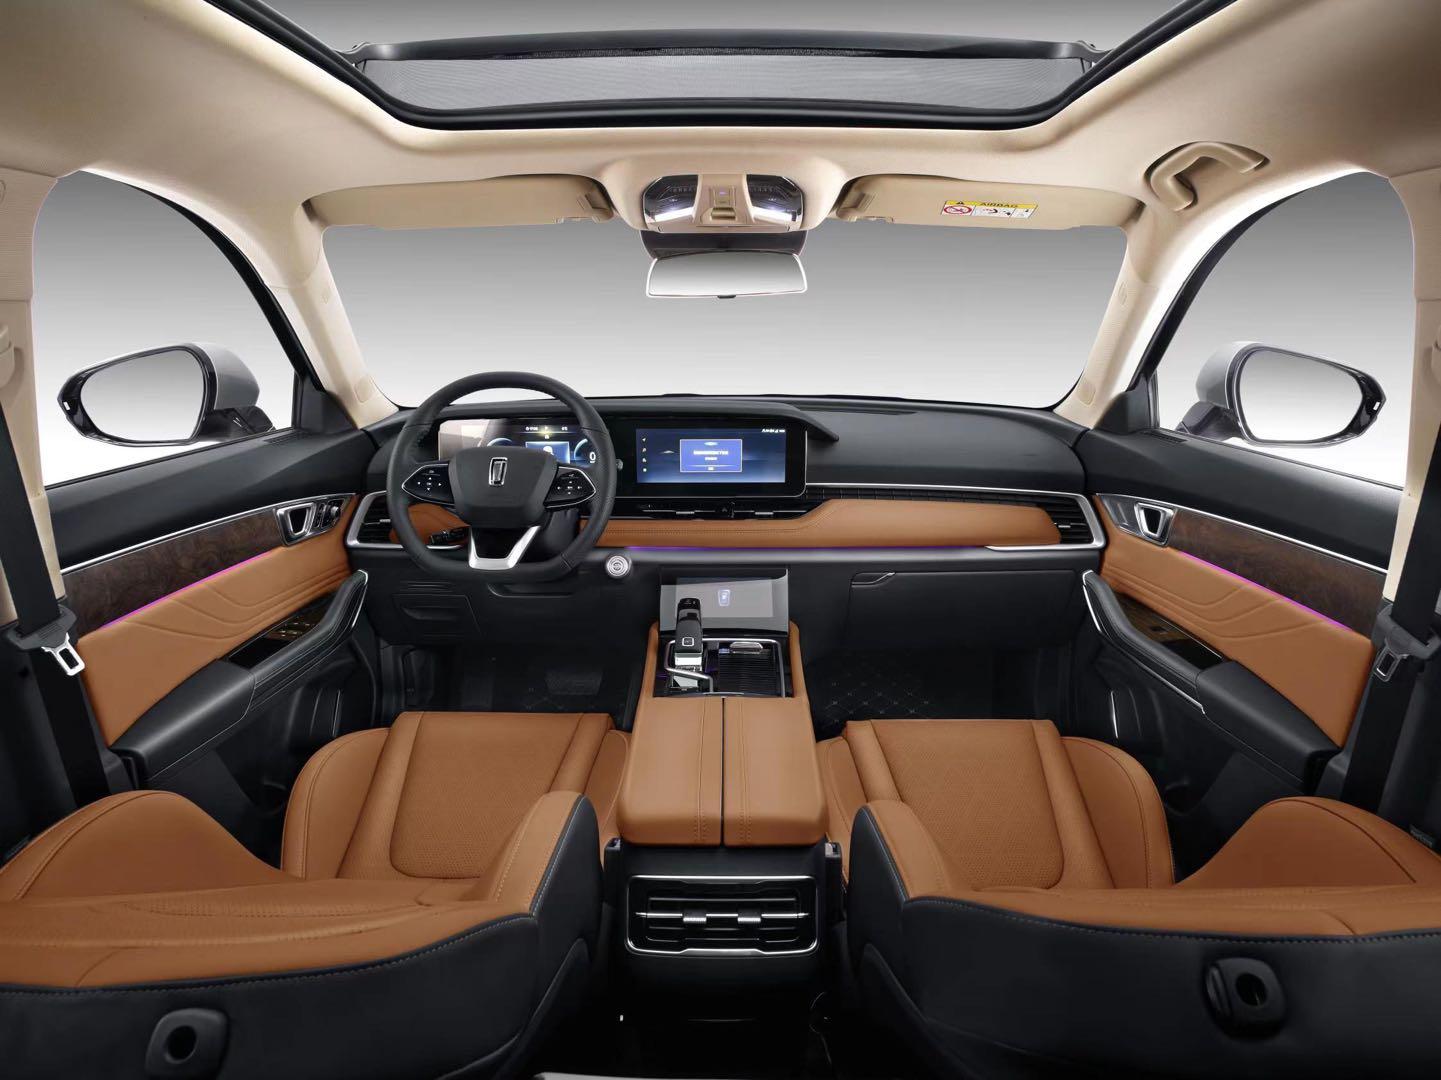 13.49万元就能买到的旗舰SUV,朱亚文告诉你他怎么看